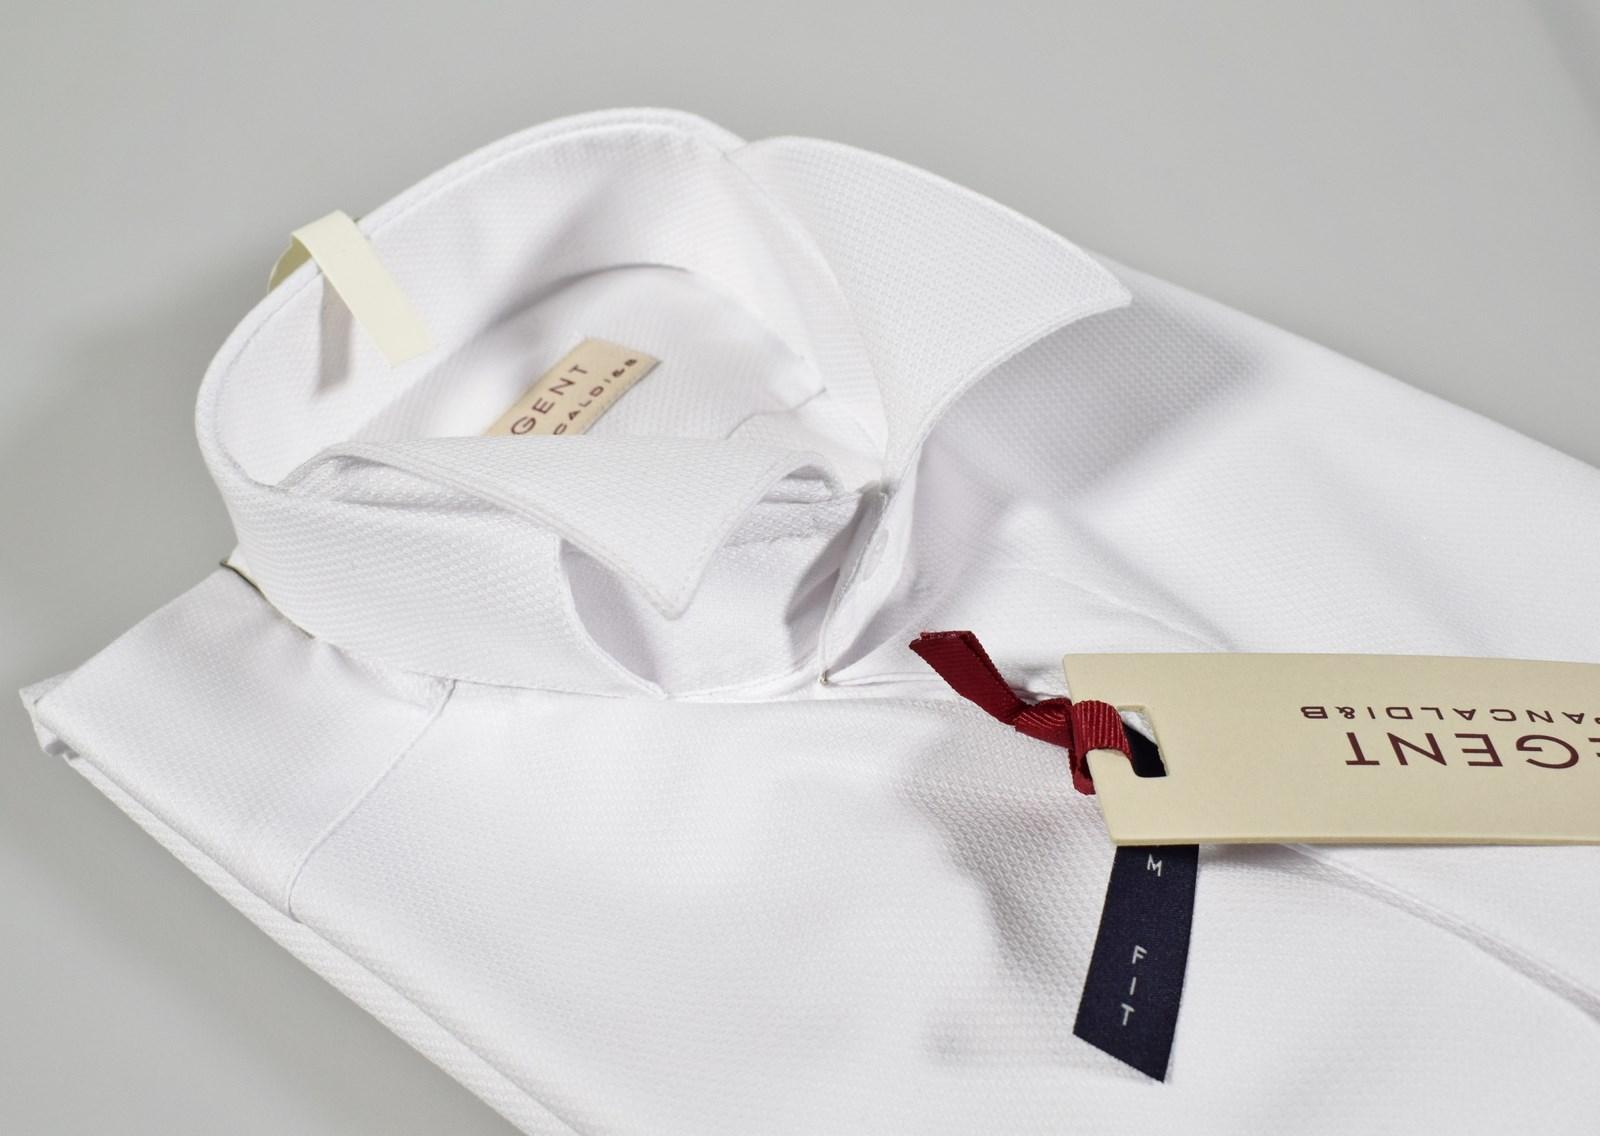 100% authentic 0e7bb c7dd9 Dettagli su Camicia Pancaldi elegante cerimonia uomo collo diplomatico  vestibilità slim fit